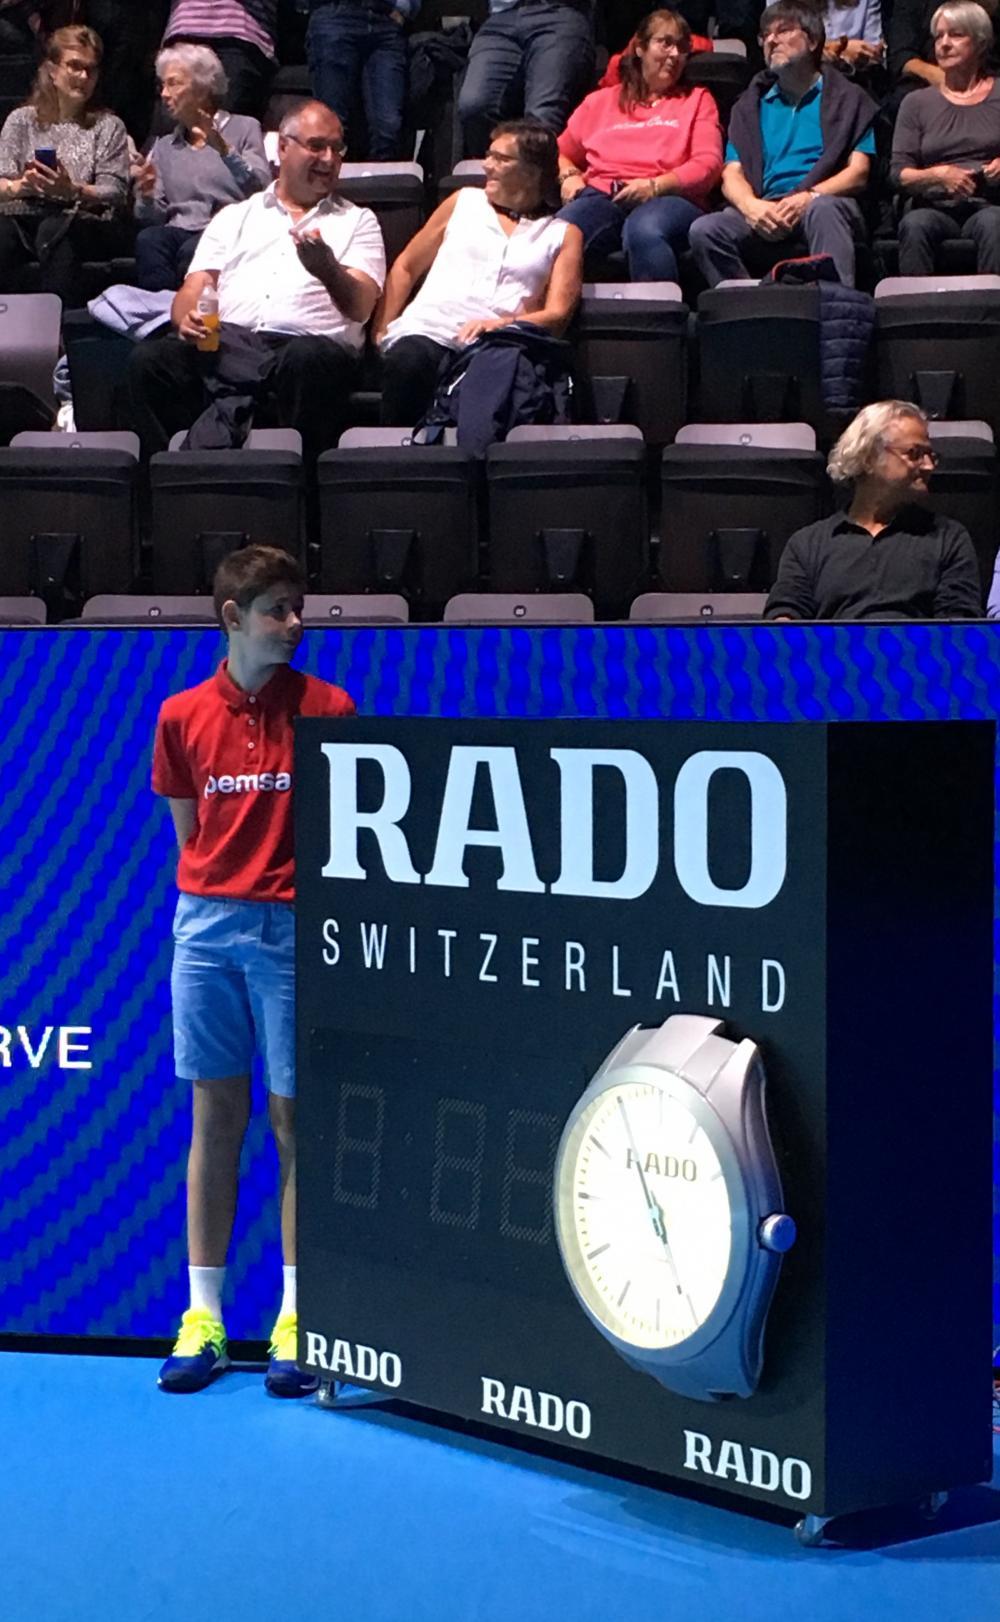 Official Timekeeper der Swiss Indoors Basel: Rado und Tennis gehören zusammen – das edle Uhren-Unternehmen unterstützt weltweit 12 Tennisturniere.